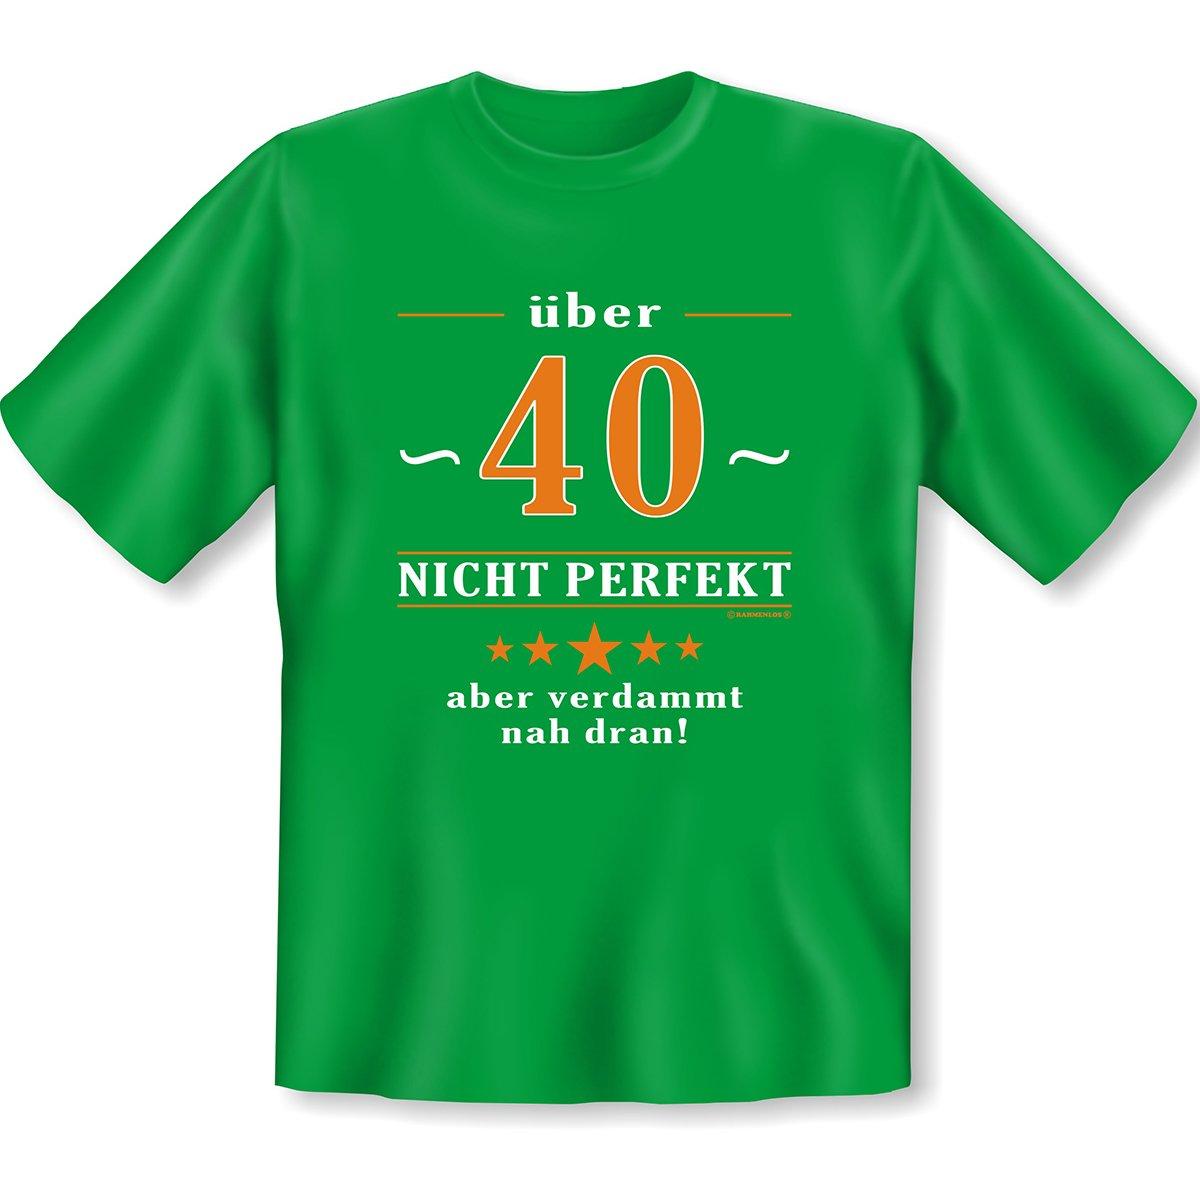 regalo Idea para 40 cumpleaños: Set con camiseta de - más de ...